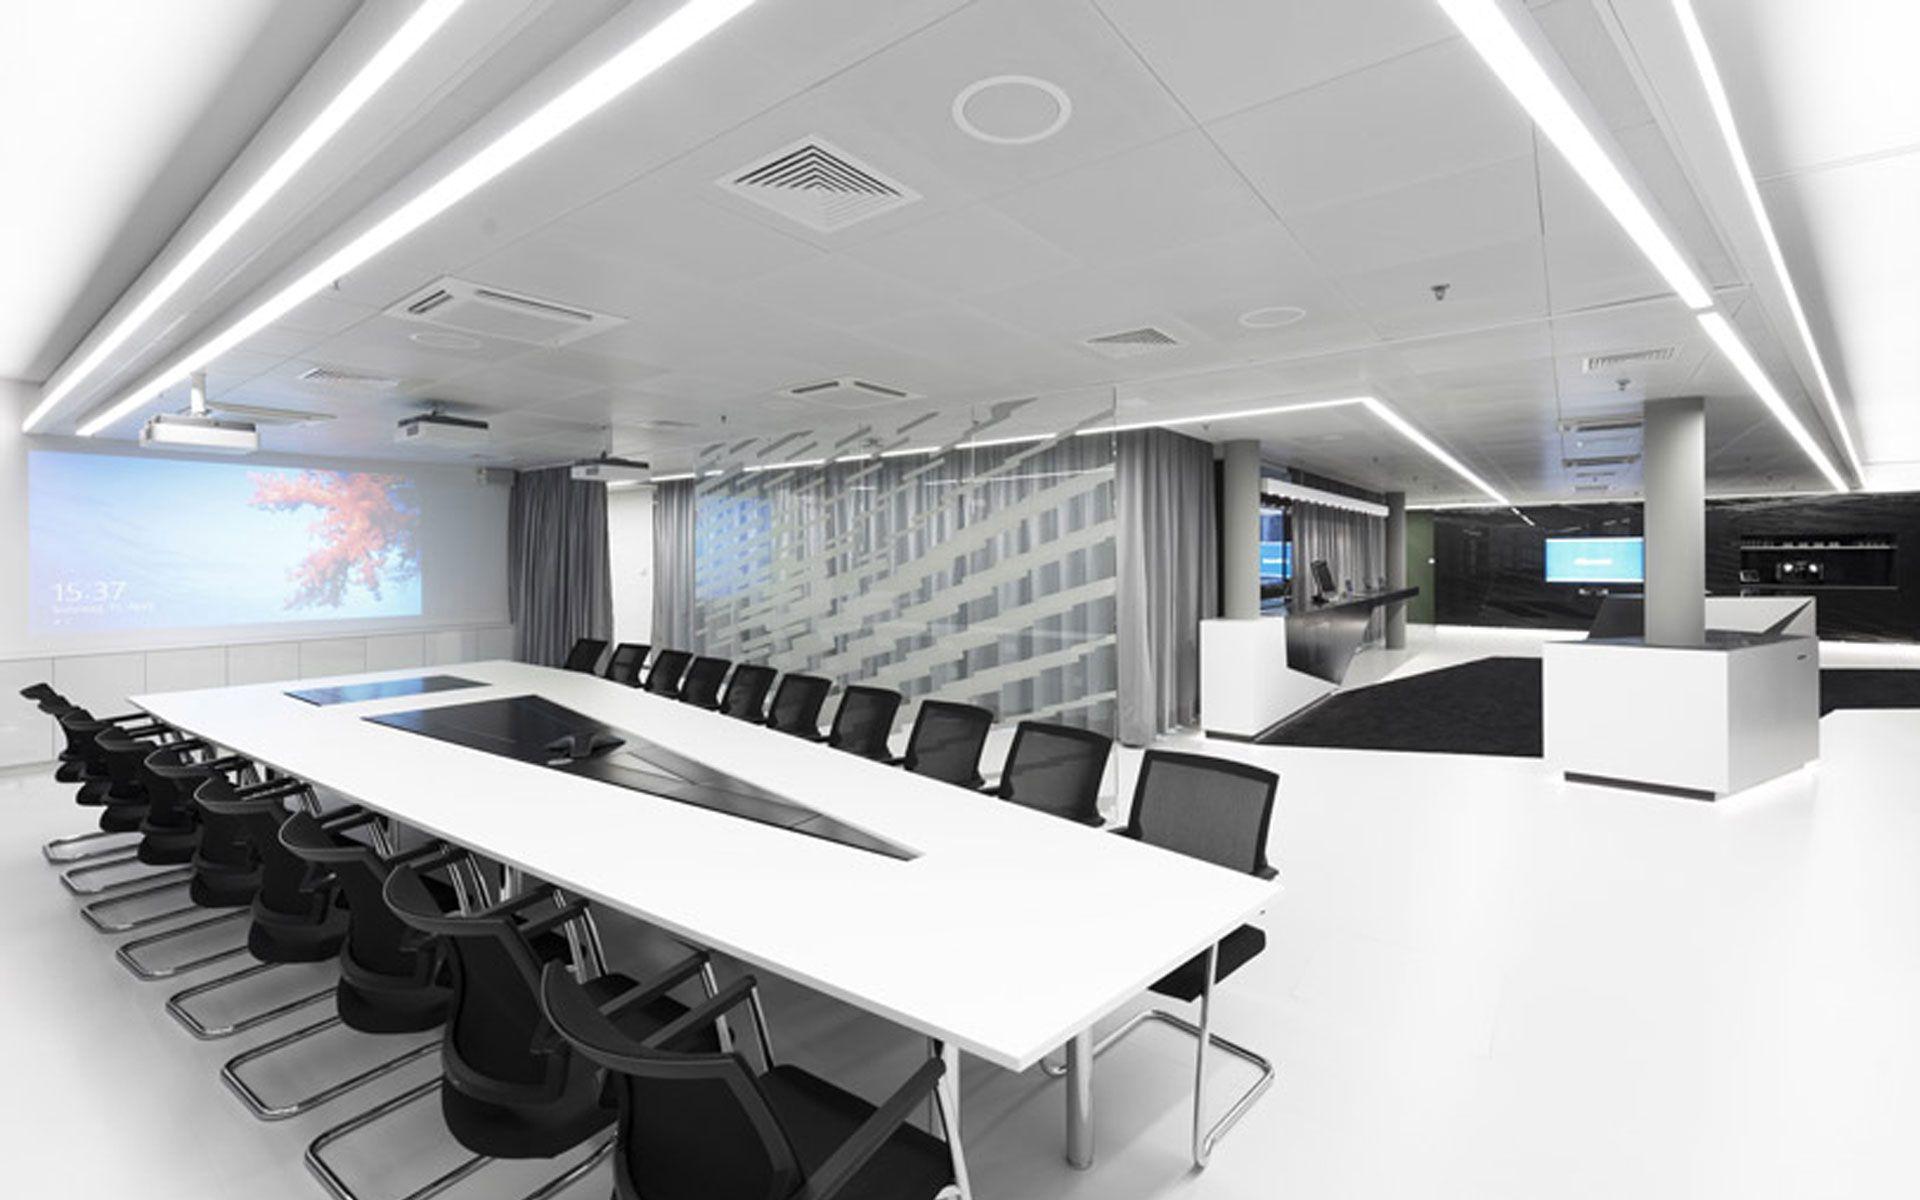 incredible modern office interior design ideas | Interior Designs,Incredible Office Meeting Room With ...